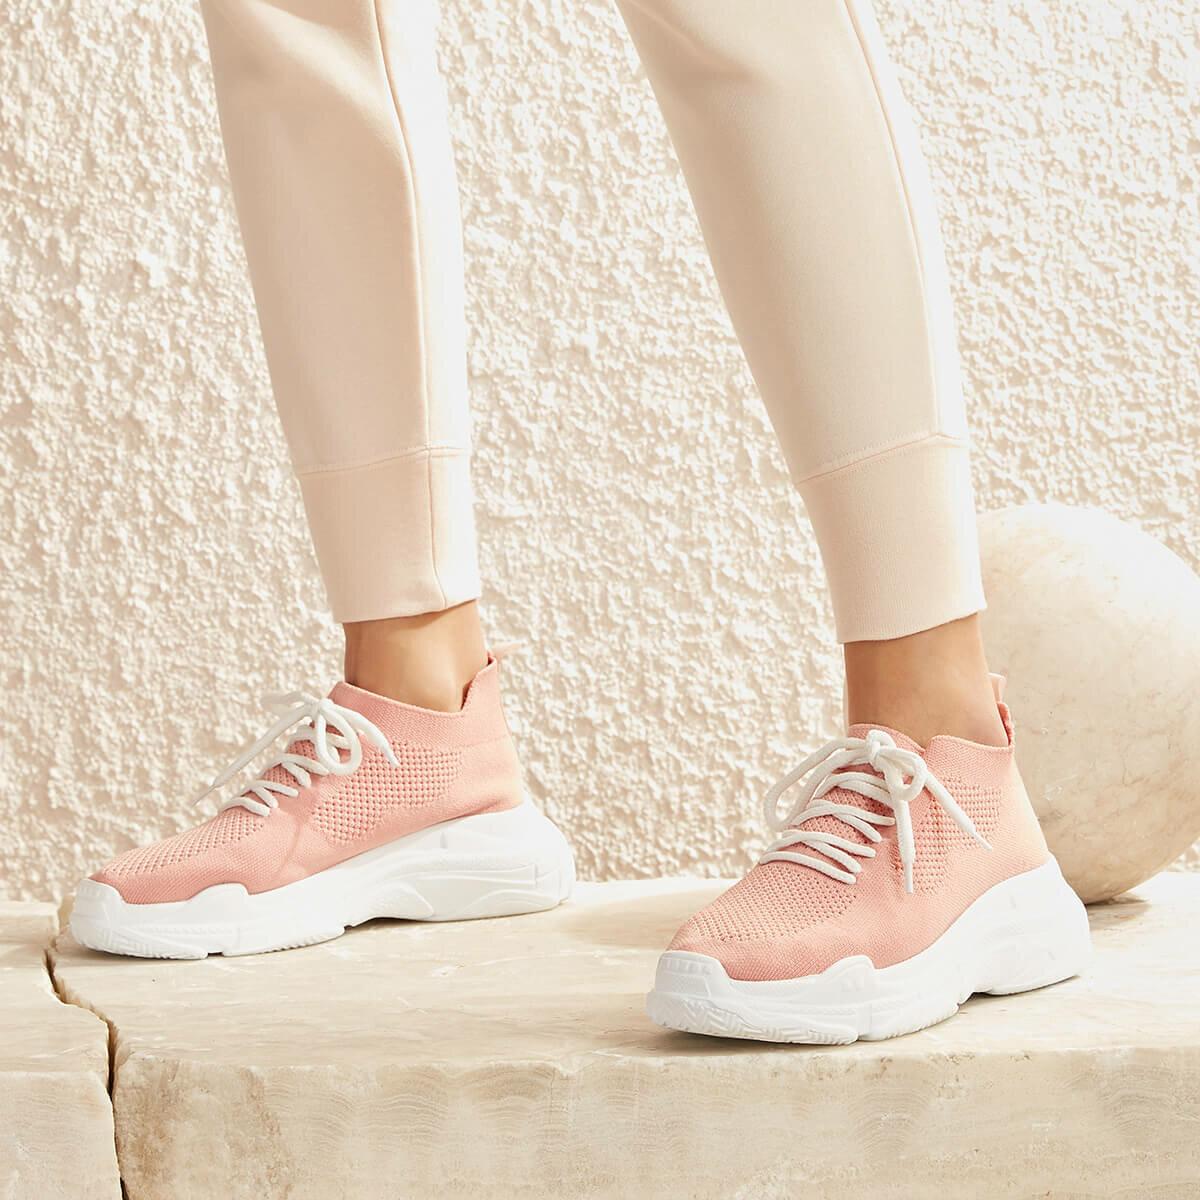 FLO KRUM04Z Powder Women 'S Sneaker Shoes BUTIGO